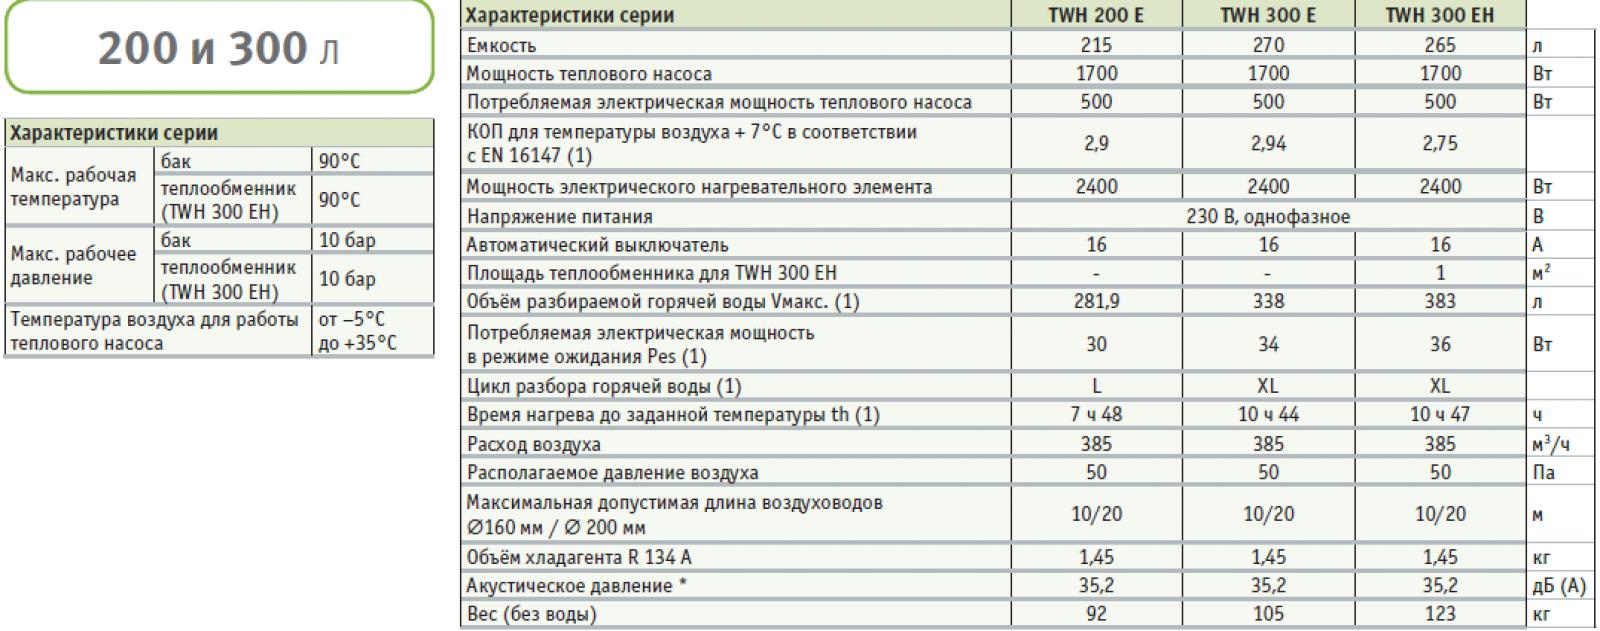 teplovye_nasosy_dedietrich_kaliko_twh2